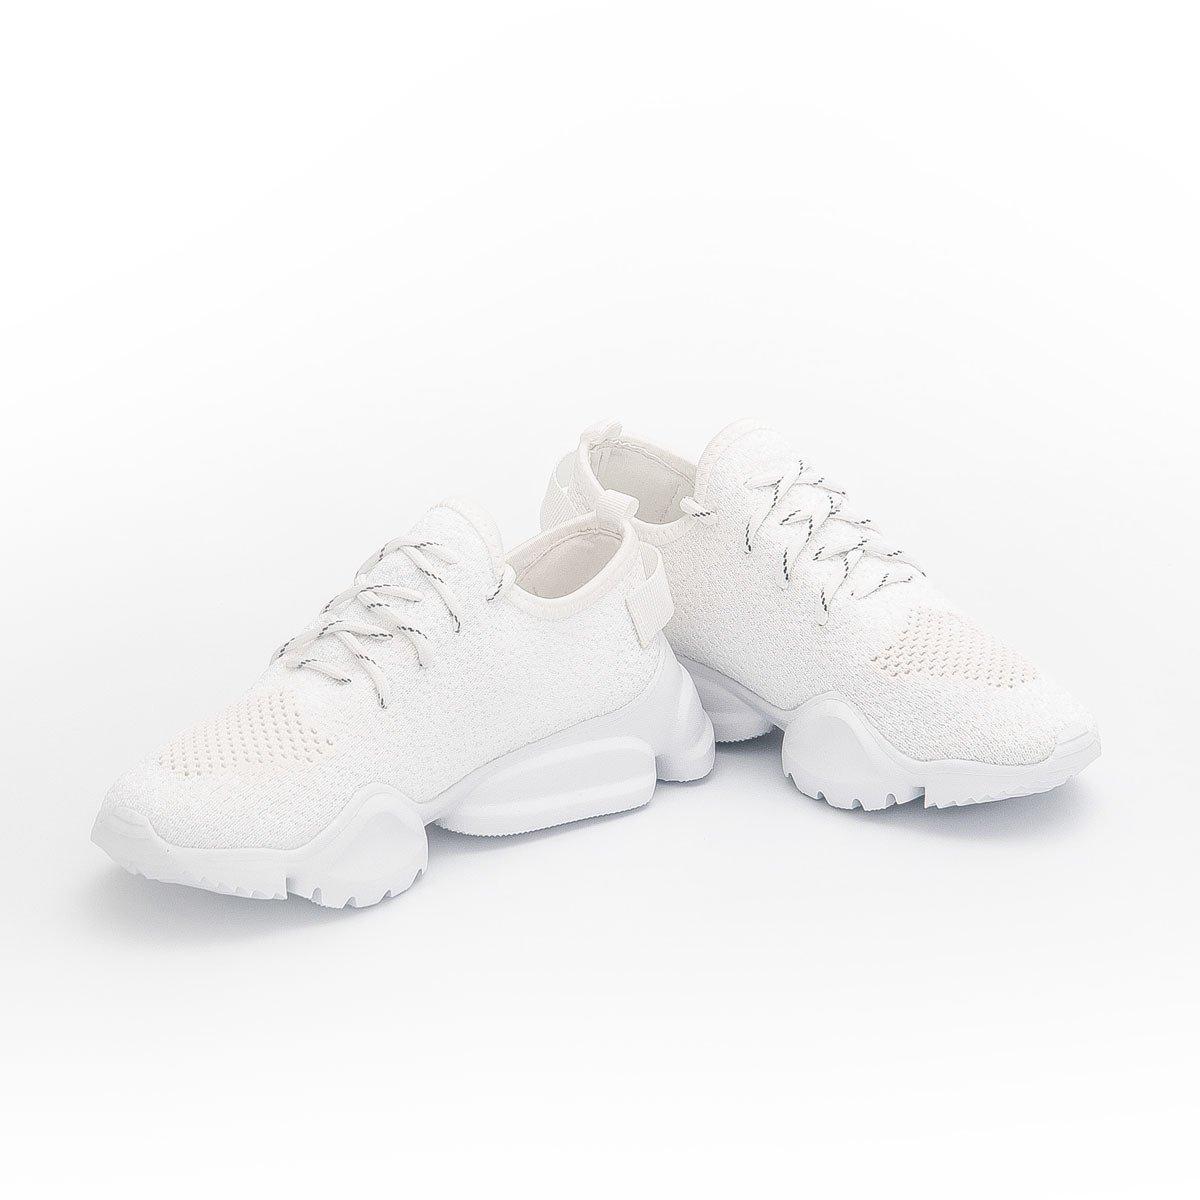 HBDLH Damenschuhe Im Frühling und Sommer Freizeit Sportschuhe Atmungsaktives Mesh Freizeit Sommer - Schuhe c34186